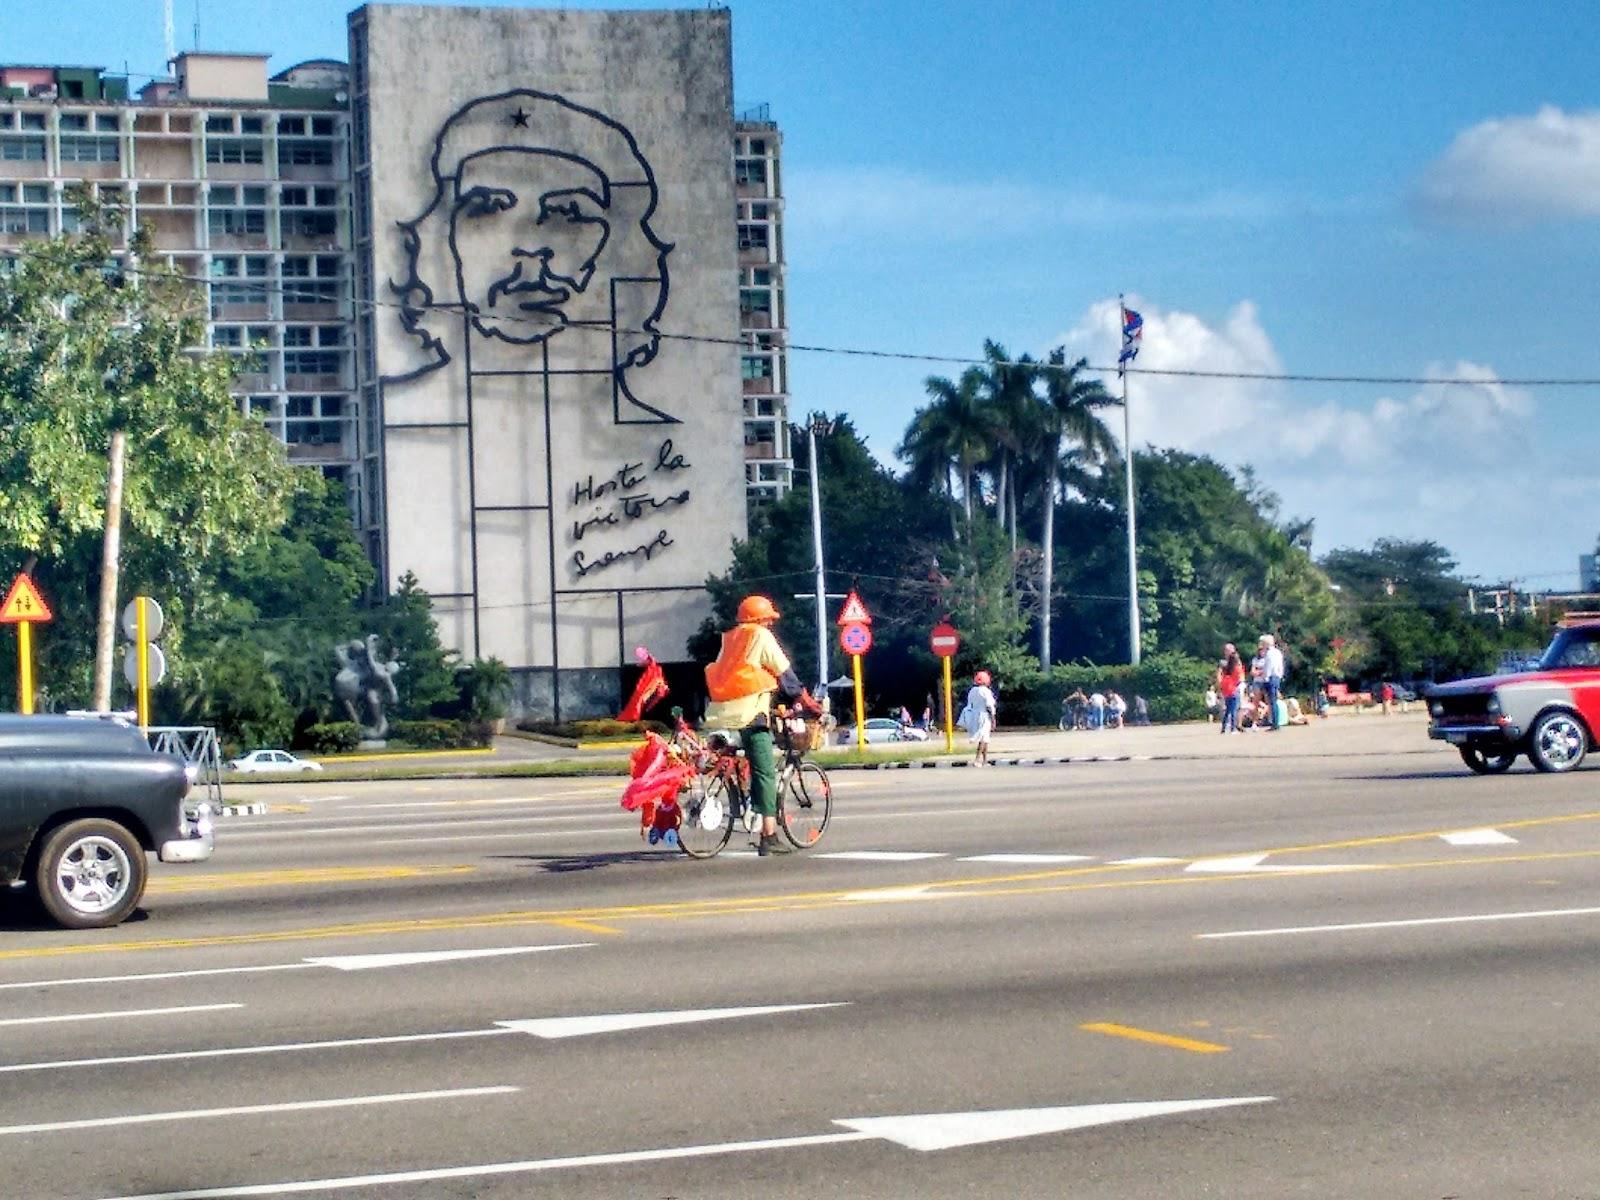 Aeroporto Havana : Terceiro caderno viagem a cuba o aeroporto josé martí e